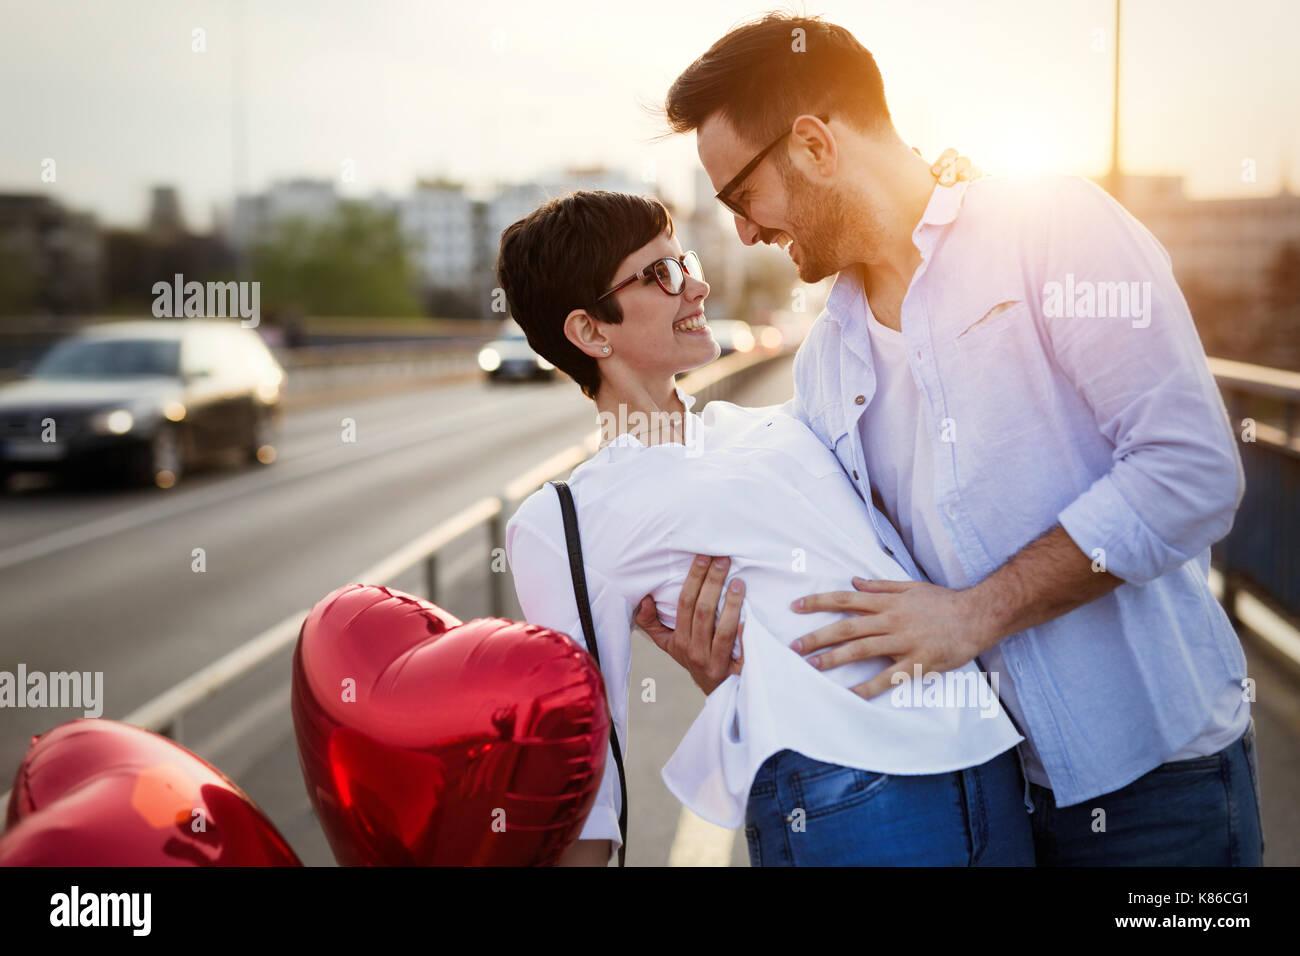 Jovem casal no amor datado e sorridente piscina Imagens de Stock